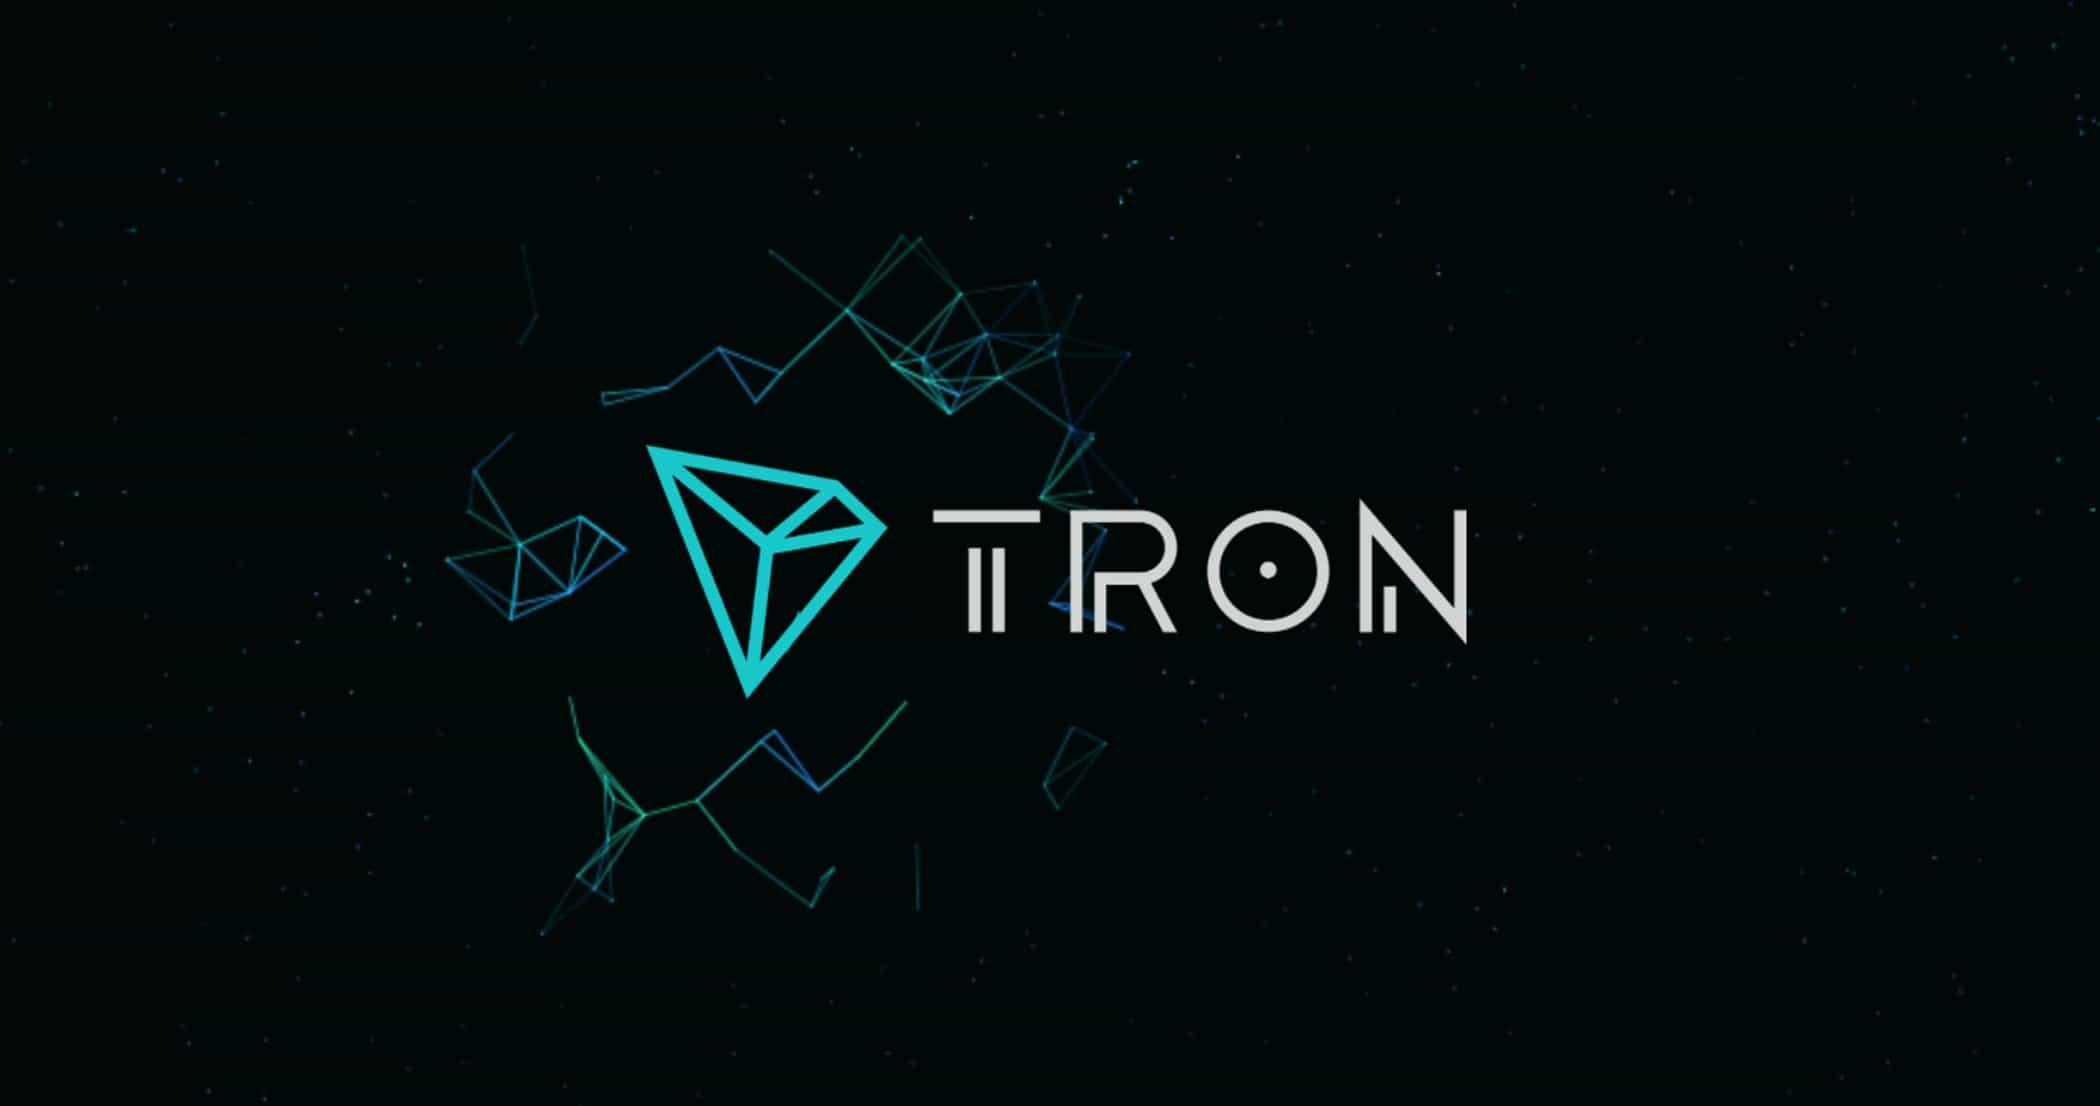 أكبر منصة لامركزية للتواصل الاجتماعي تنضم إلى شبكة الترون (TRX)